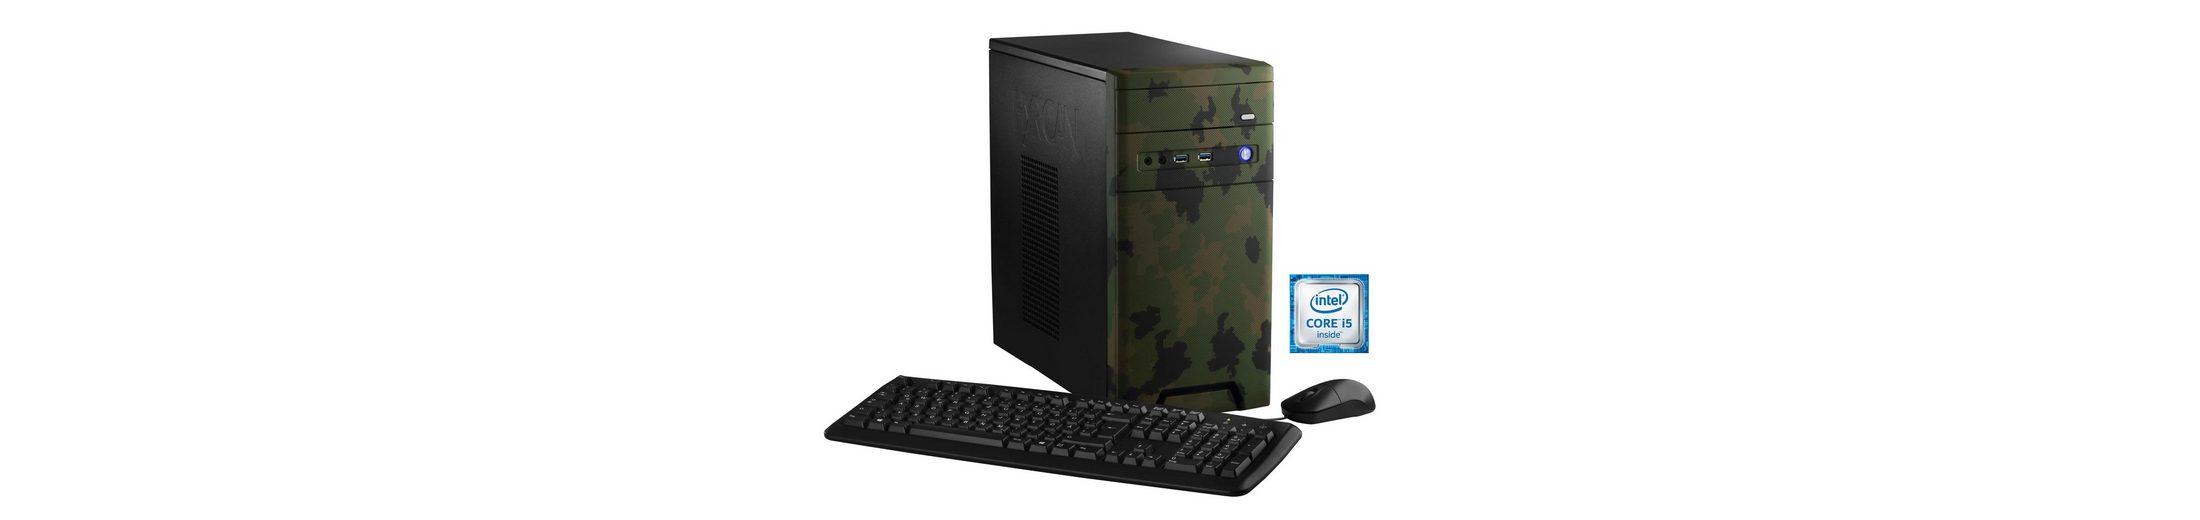 Hyrican Gaming PC Intel® i5-6600, 16GB, SSD + HDD, GeForce® GTX 1060 »CyberGamer forest 5366 «